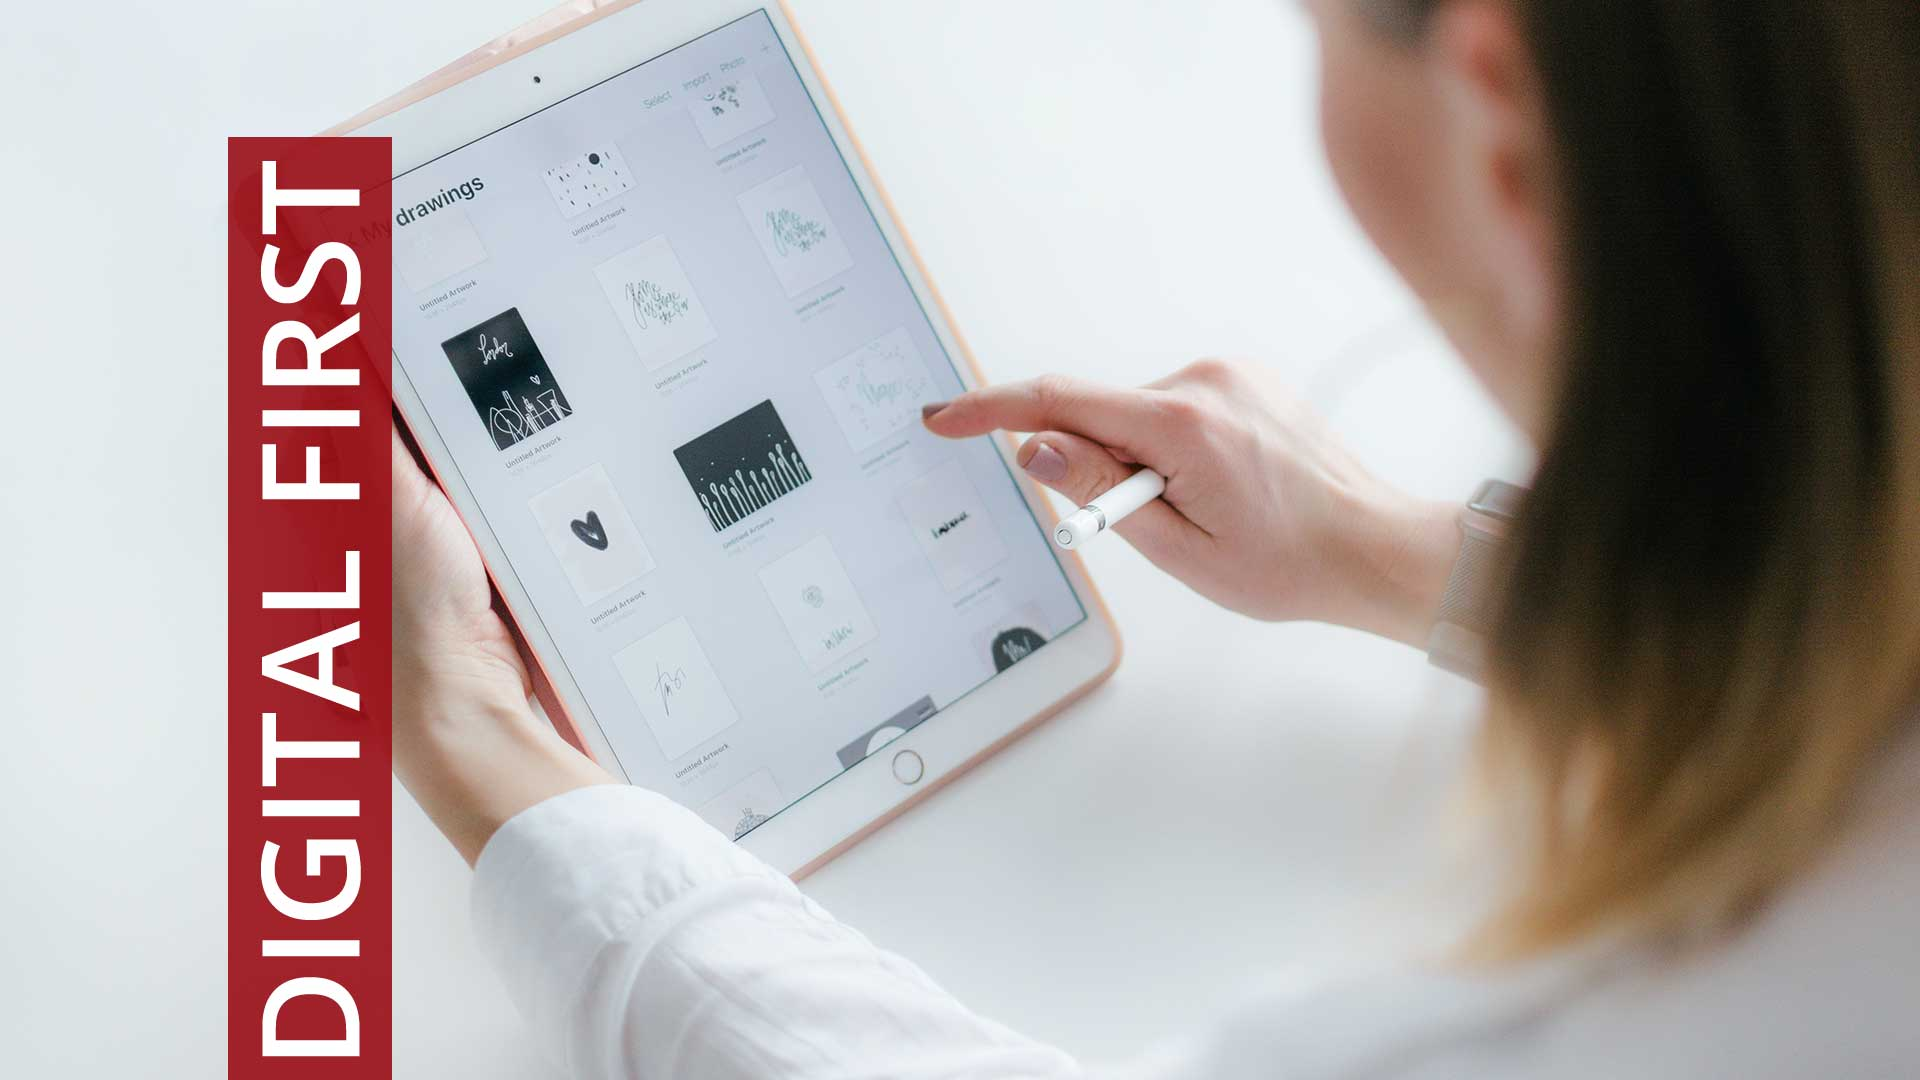 Digitale Identity durch die Corporate Design Agentur